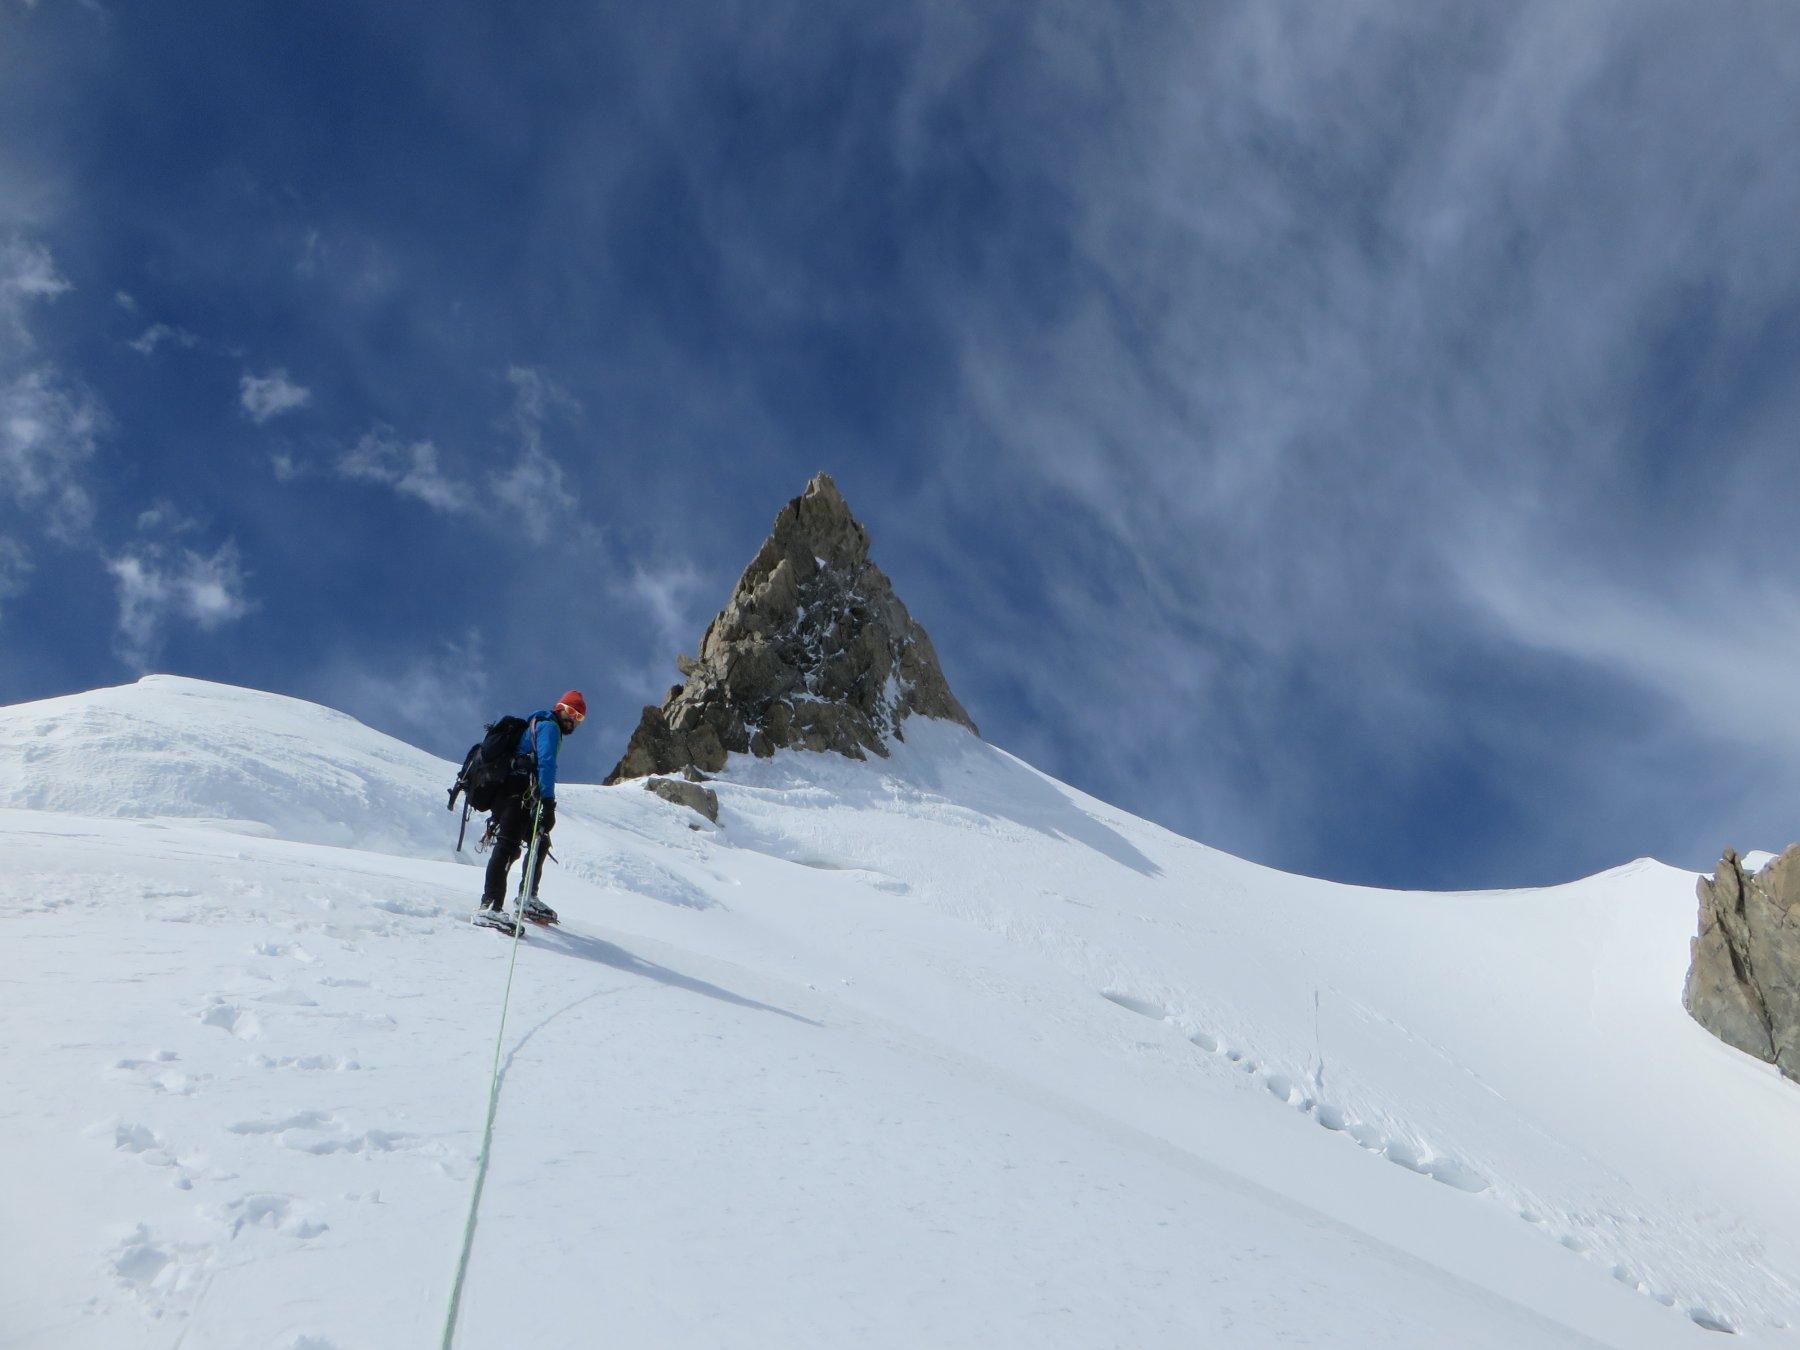 Ritracciando l'ultima parte della cresta nevosa